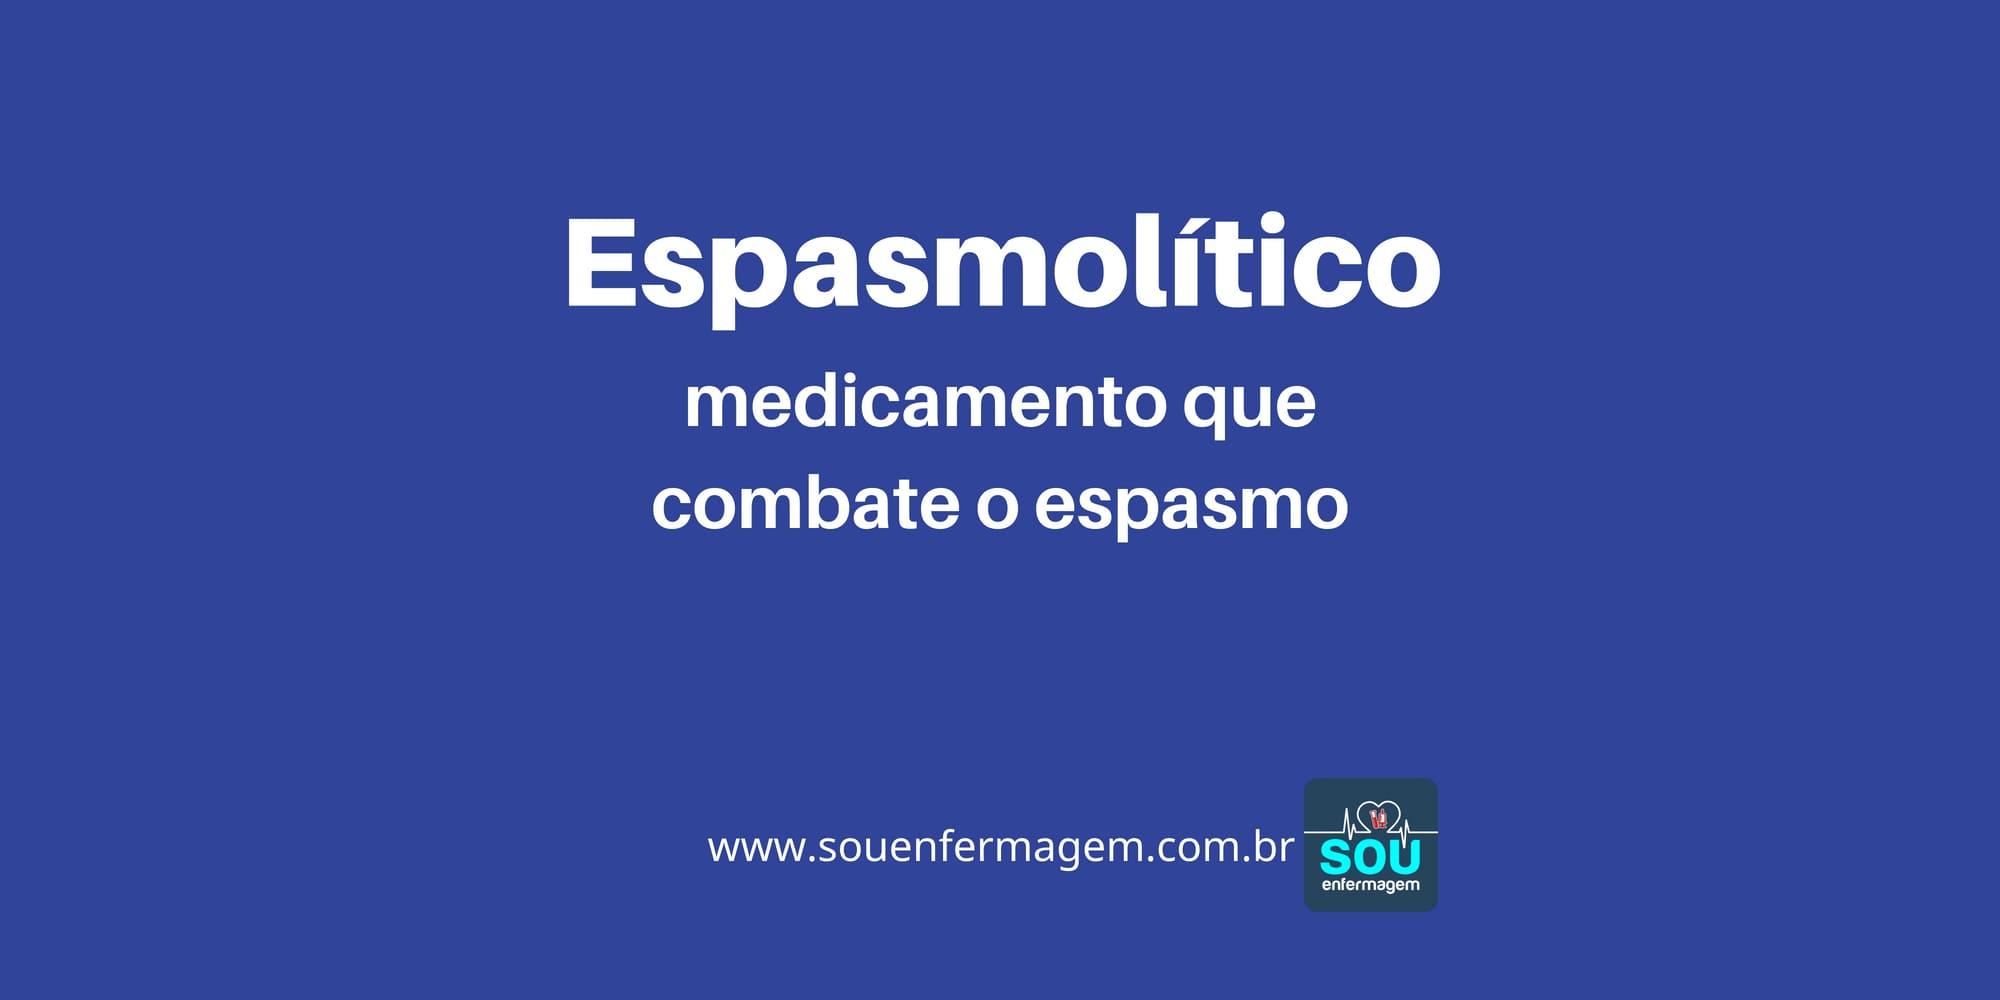 Espasmolítico